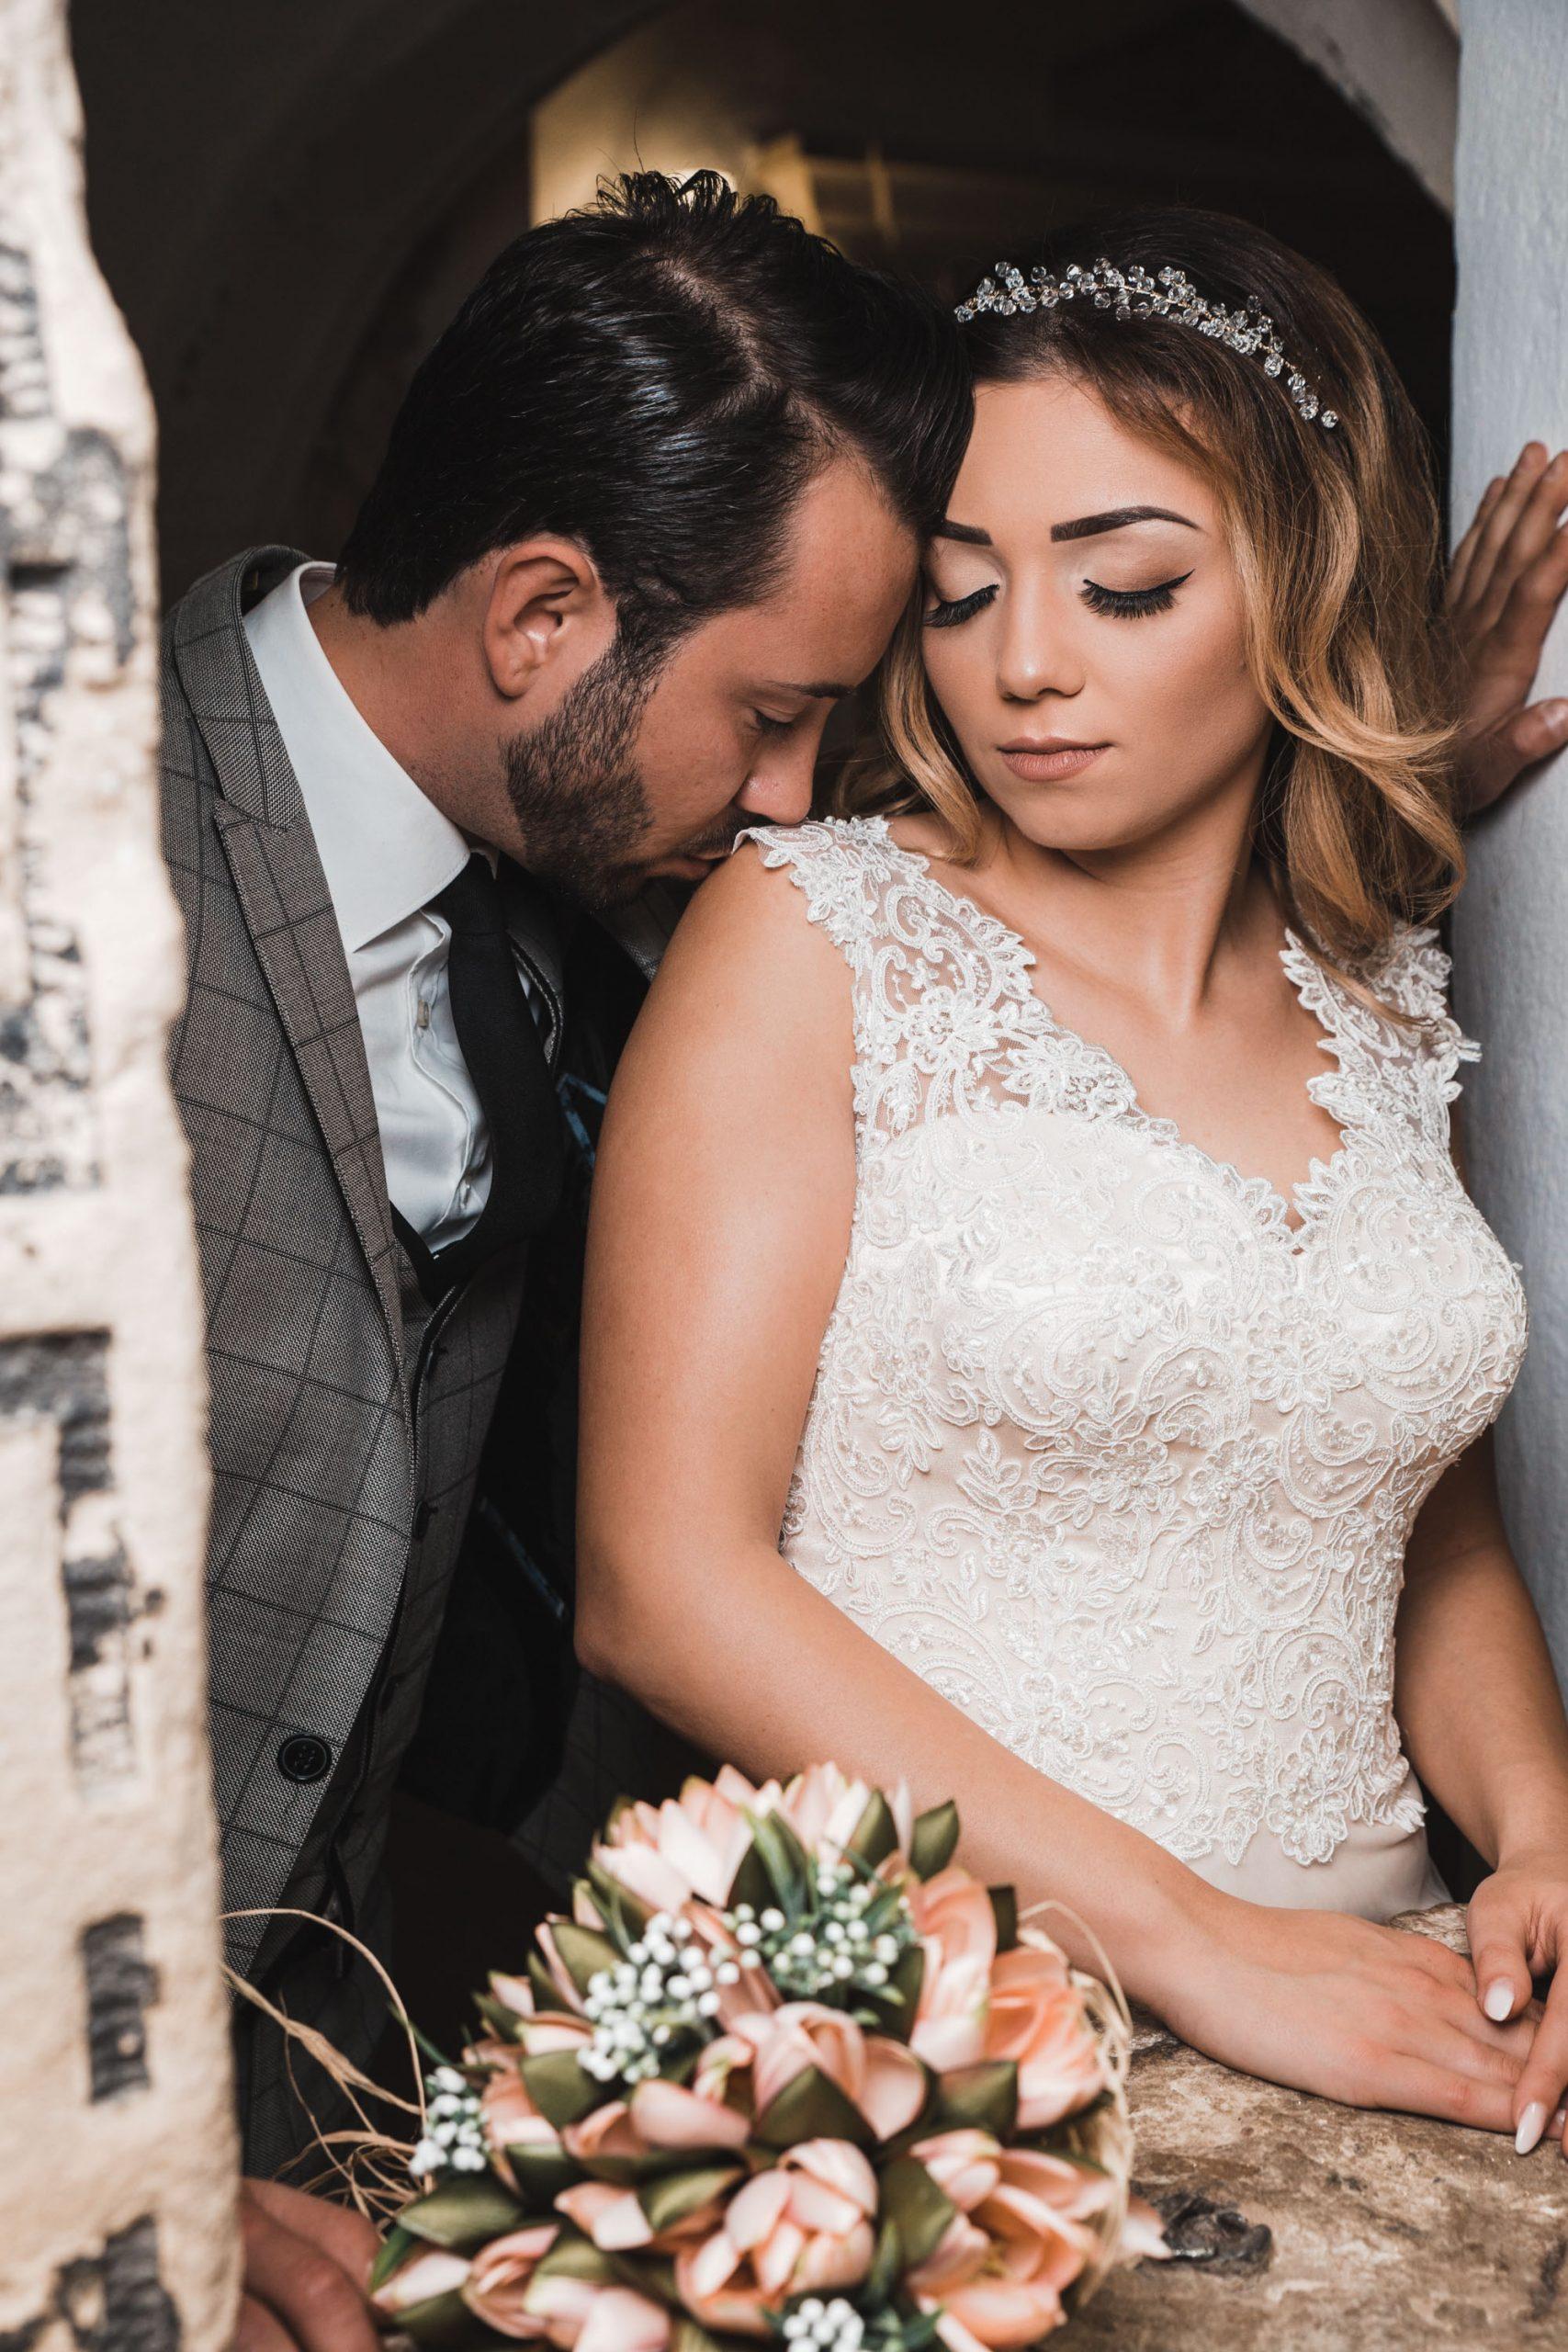 Hochzeitsbild eines türkischen Brautpaares. Türkischer Hochzeitsfotograf Fotografiert das Paar in einer sinnlichen Pose. Bräutigam küsst Braut auf die Schulter. Kreatives Hochzeitsfoto.